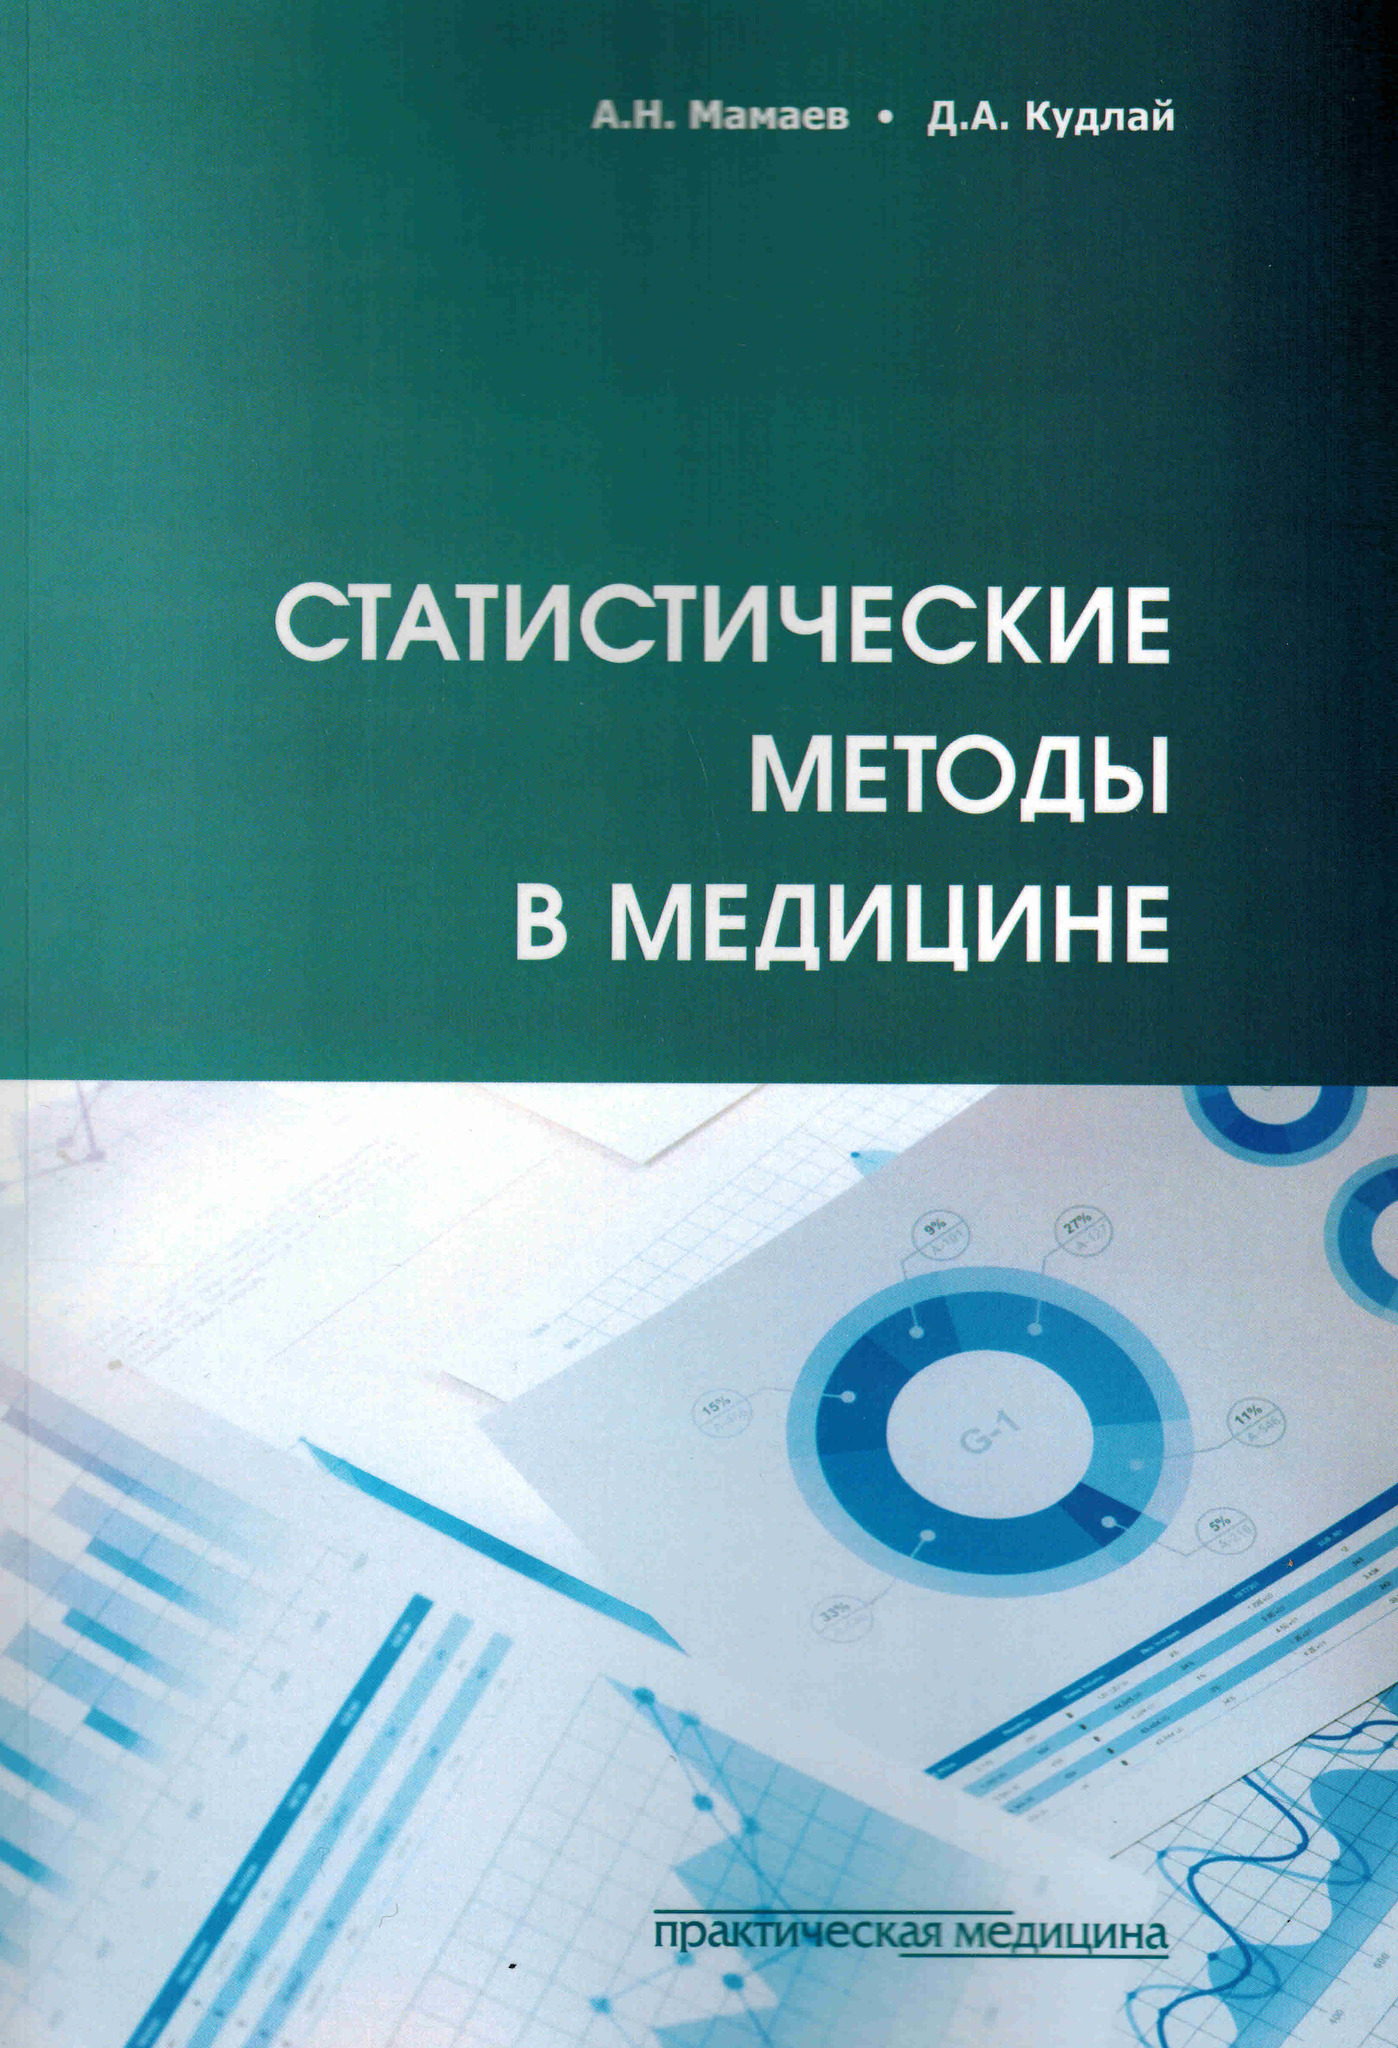 Новинки Статистические методы в медицине smvm.jpg